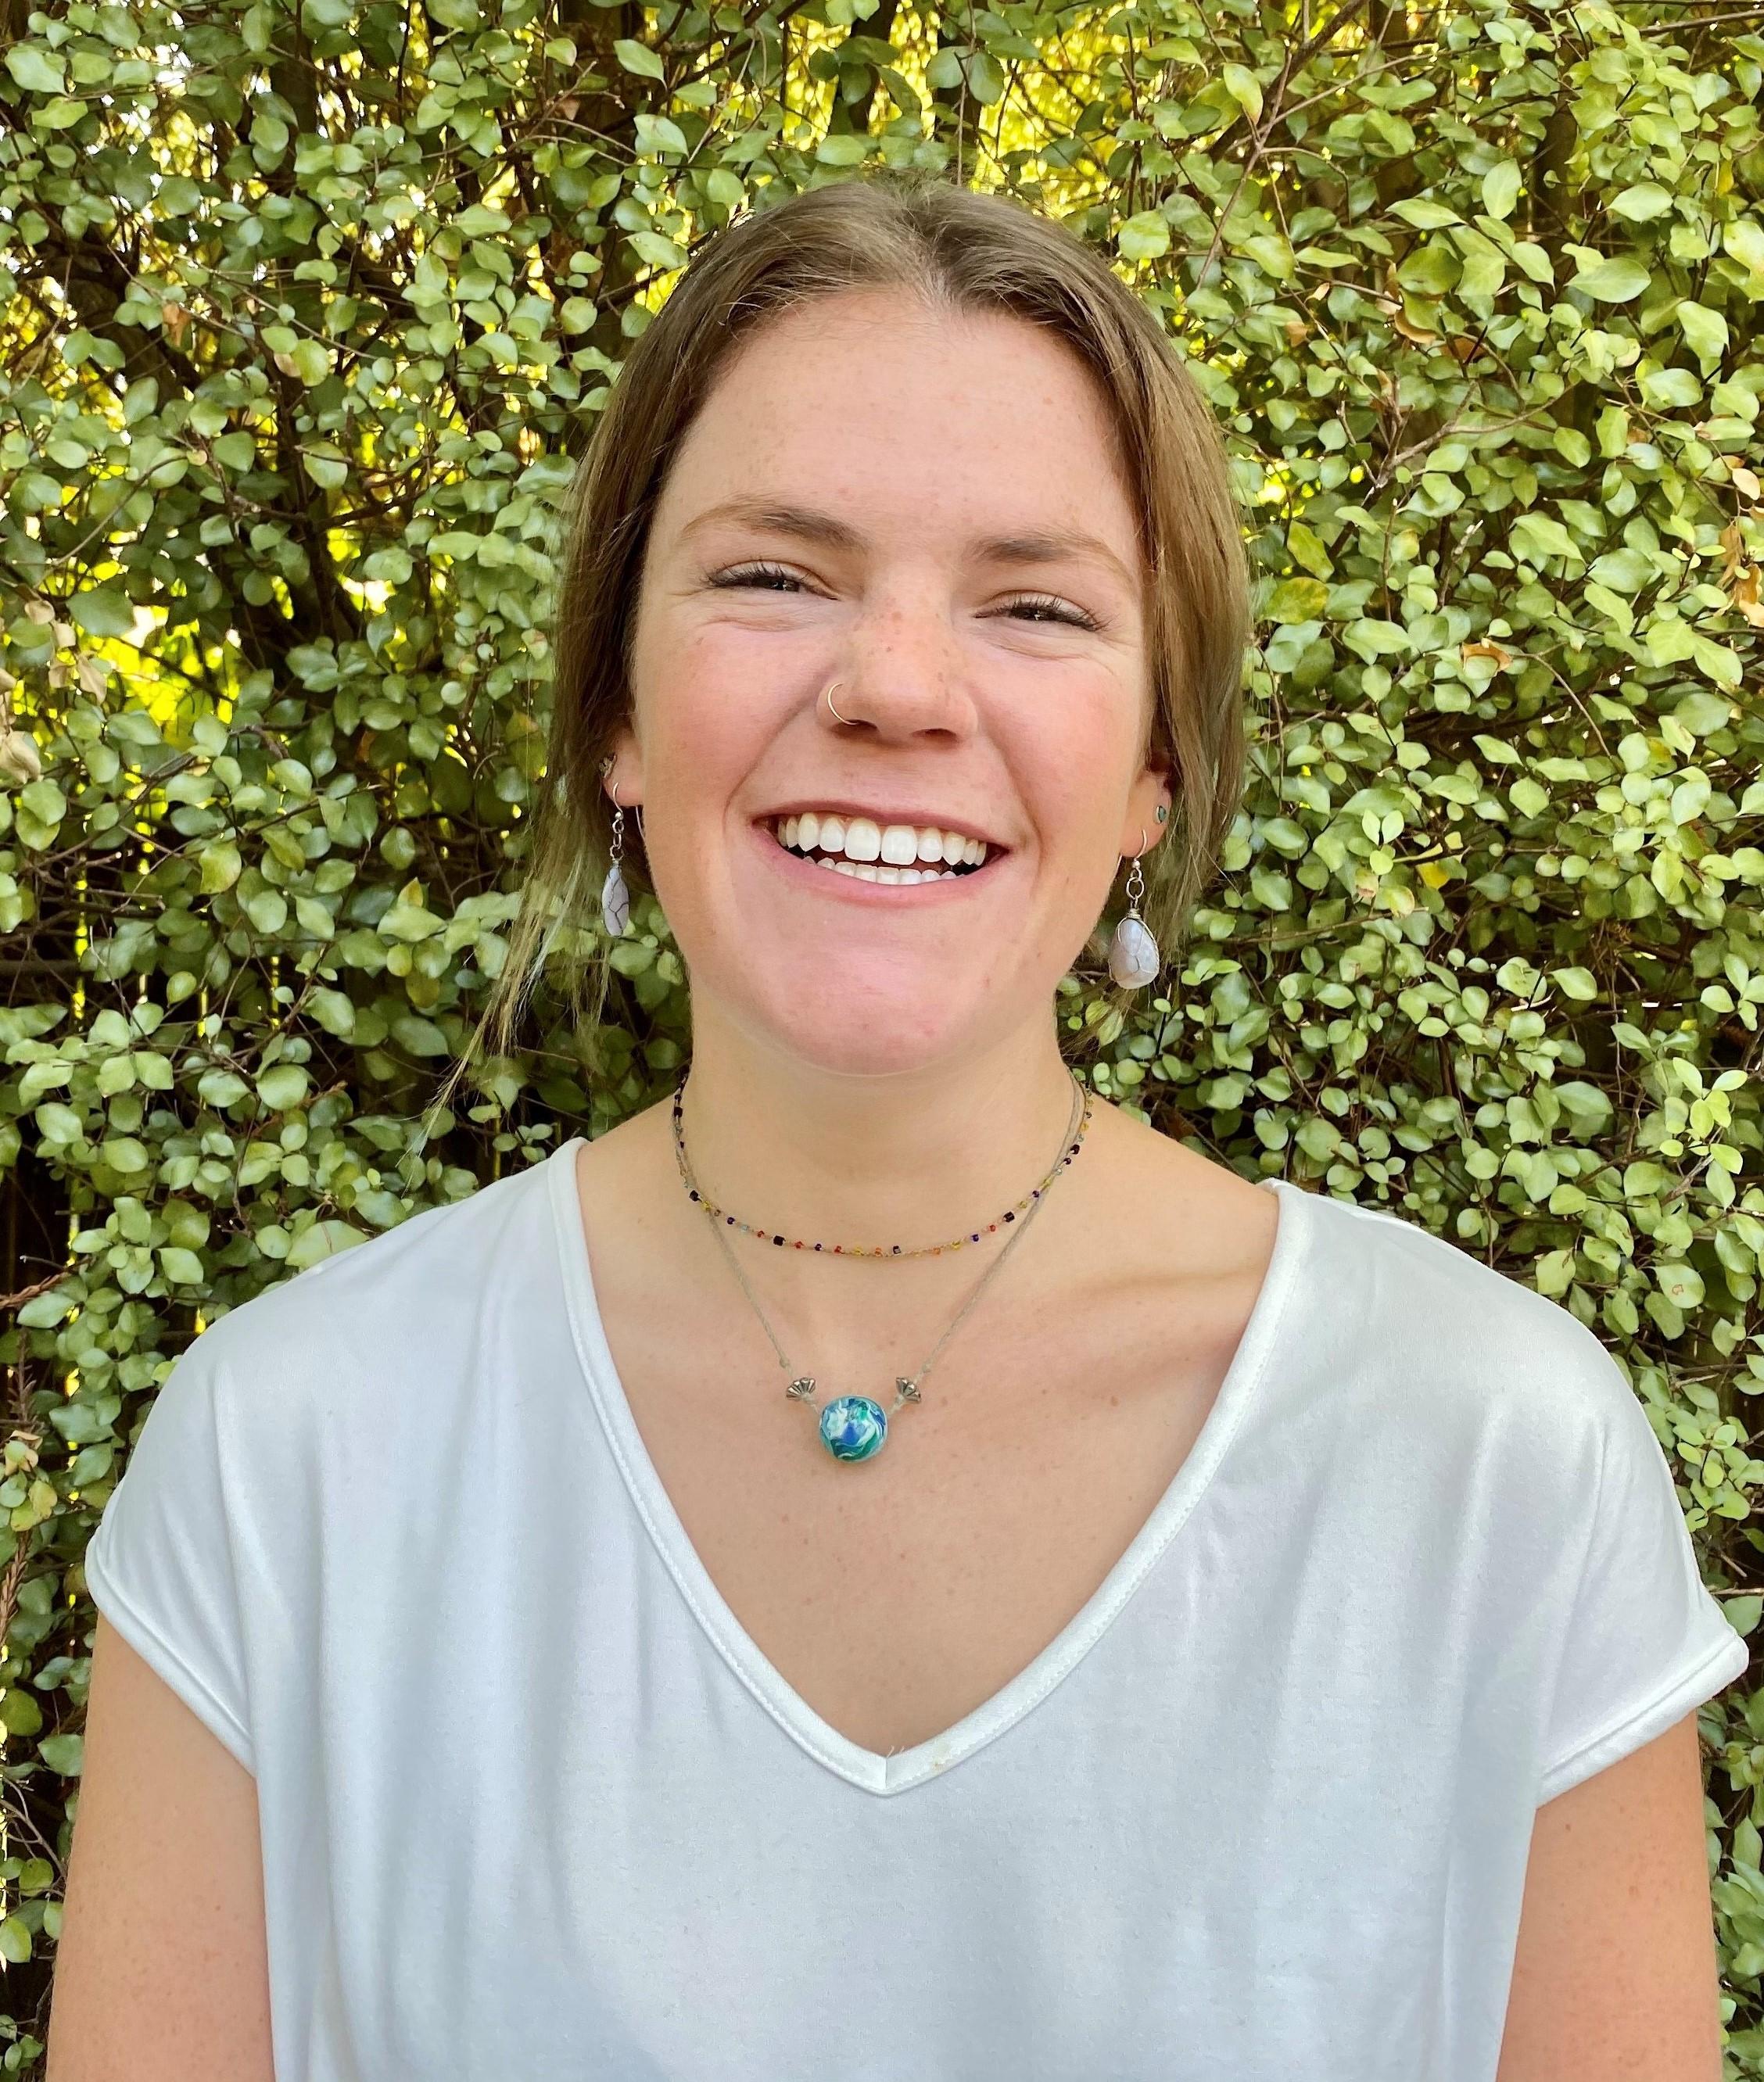 Portrait of Abigail Craig